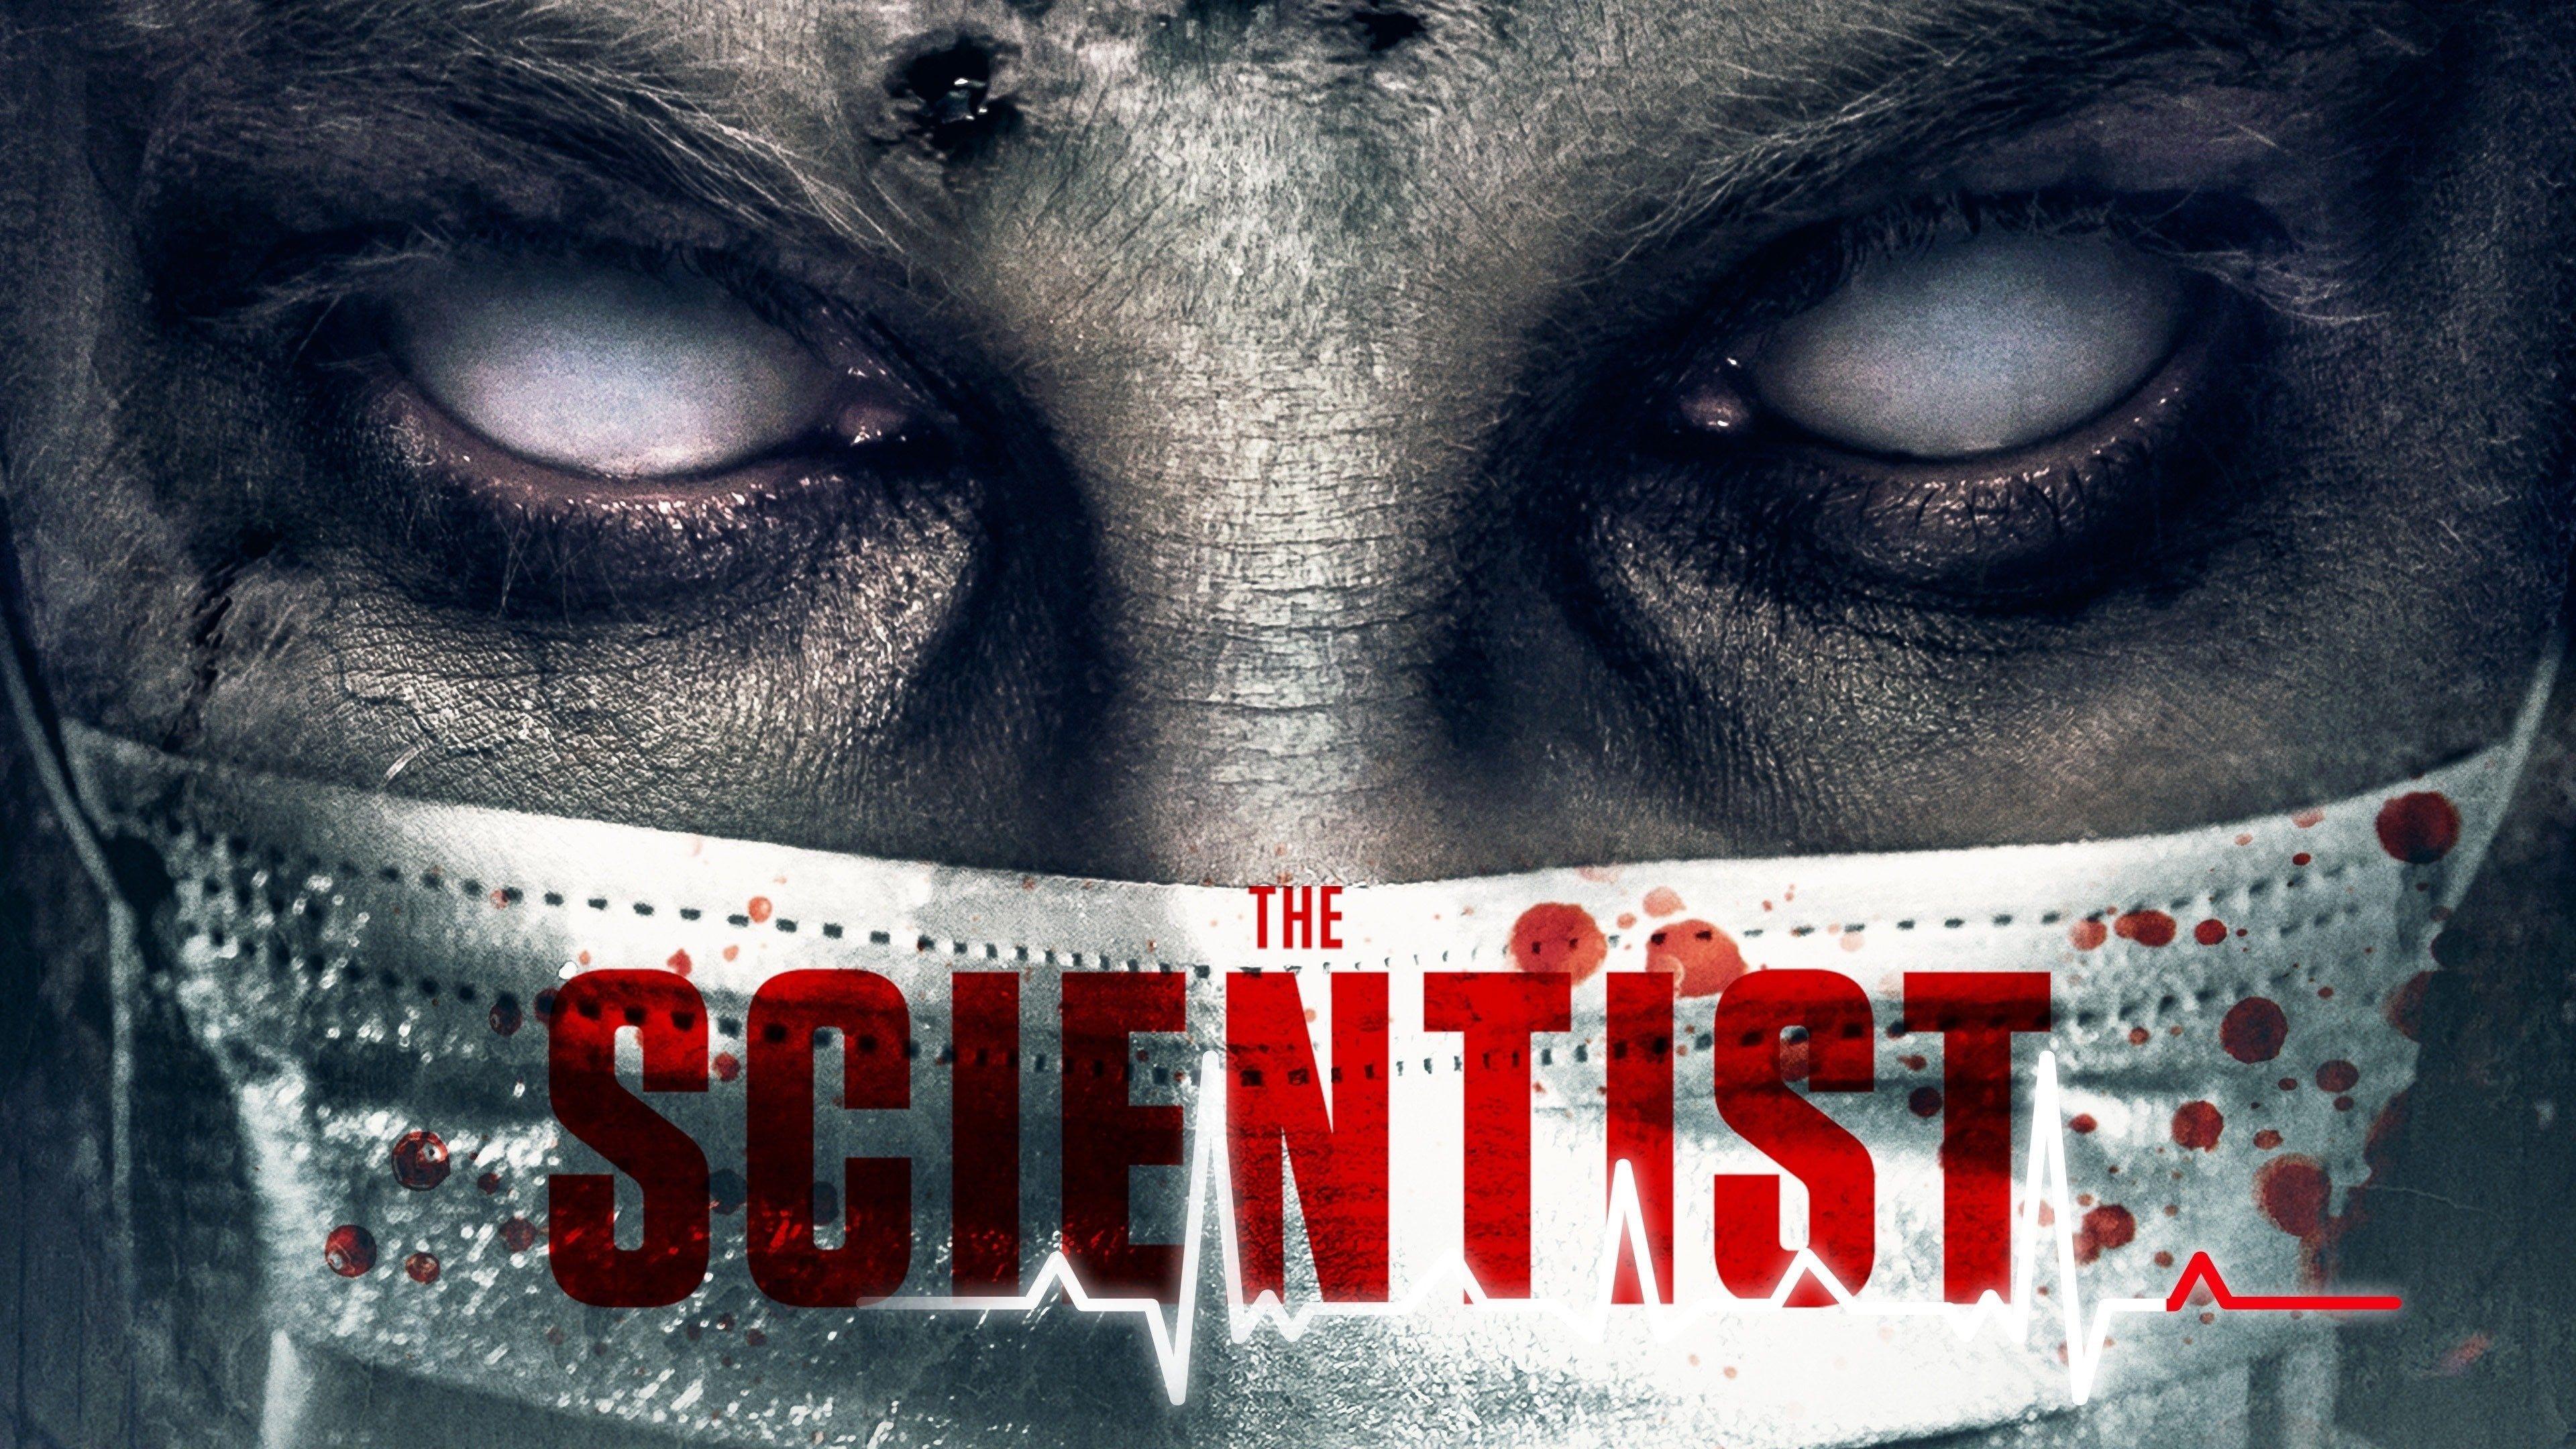 The Scientist Ganzer Film Online Deutsch Full Deschauen Deutsch Full Hd 2020 Stream Komplett De